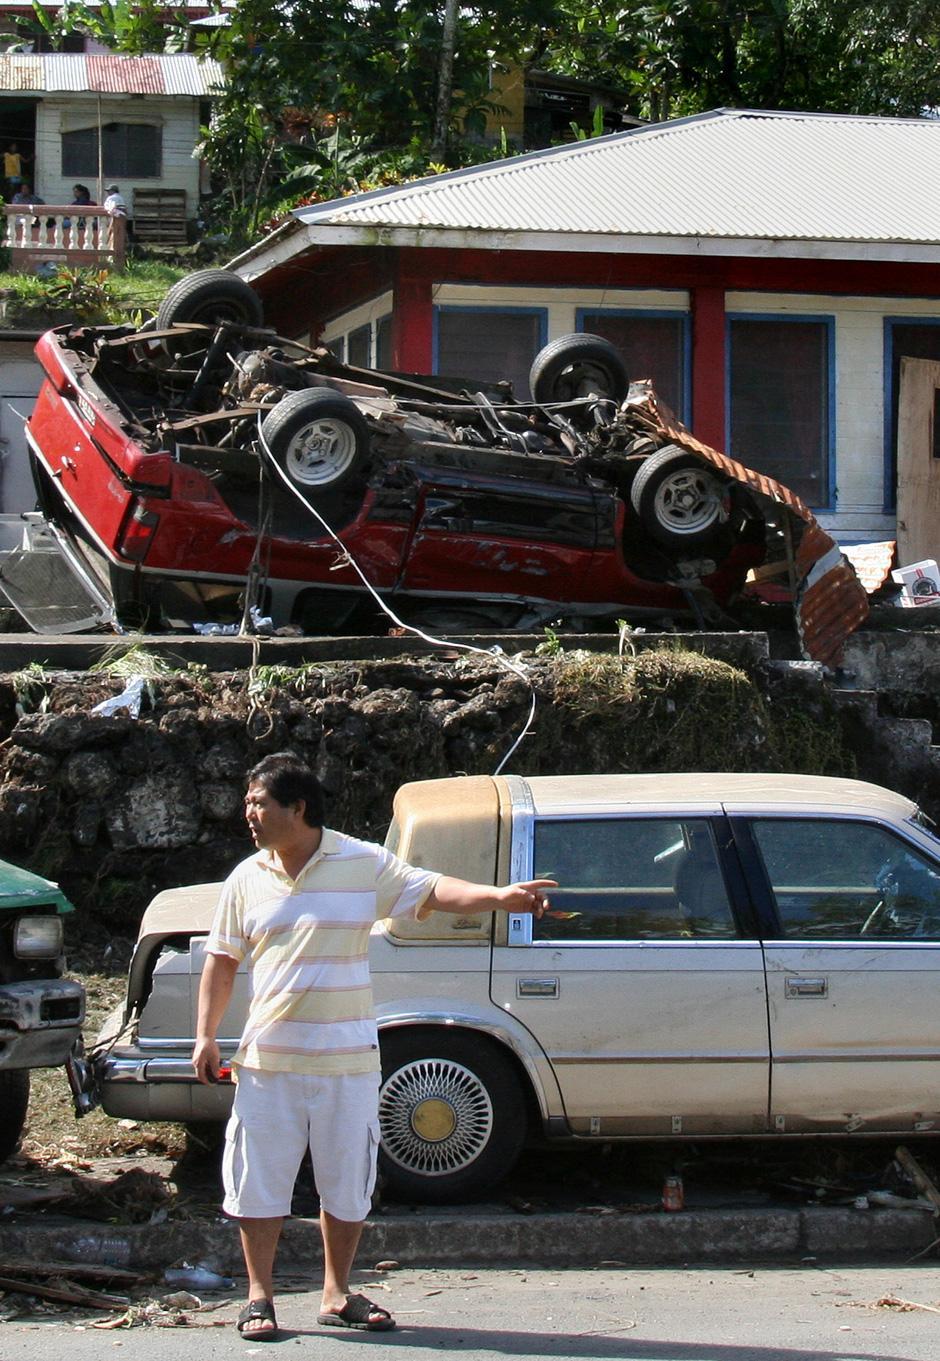 10) Поврежденные дома в Паго-Паго, на Американском Самоа. Архипелаг Самоа состоит из независимого государства Самоа, где проживают 219 тысяч человек, из которых 110 погибли в результате разгула стихии, и Американского Самоа с населением 65 тысяч человек, которое управляется Вашингтоном (31 погибший).